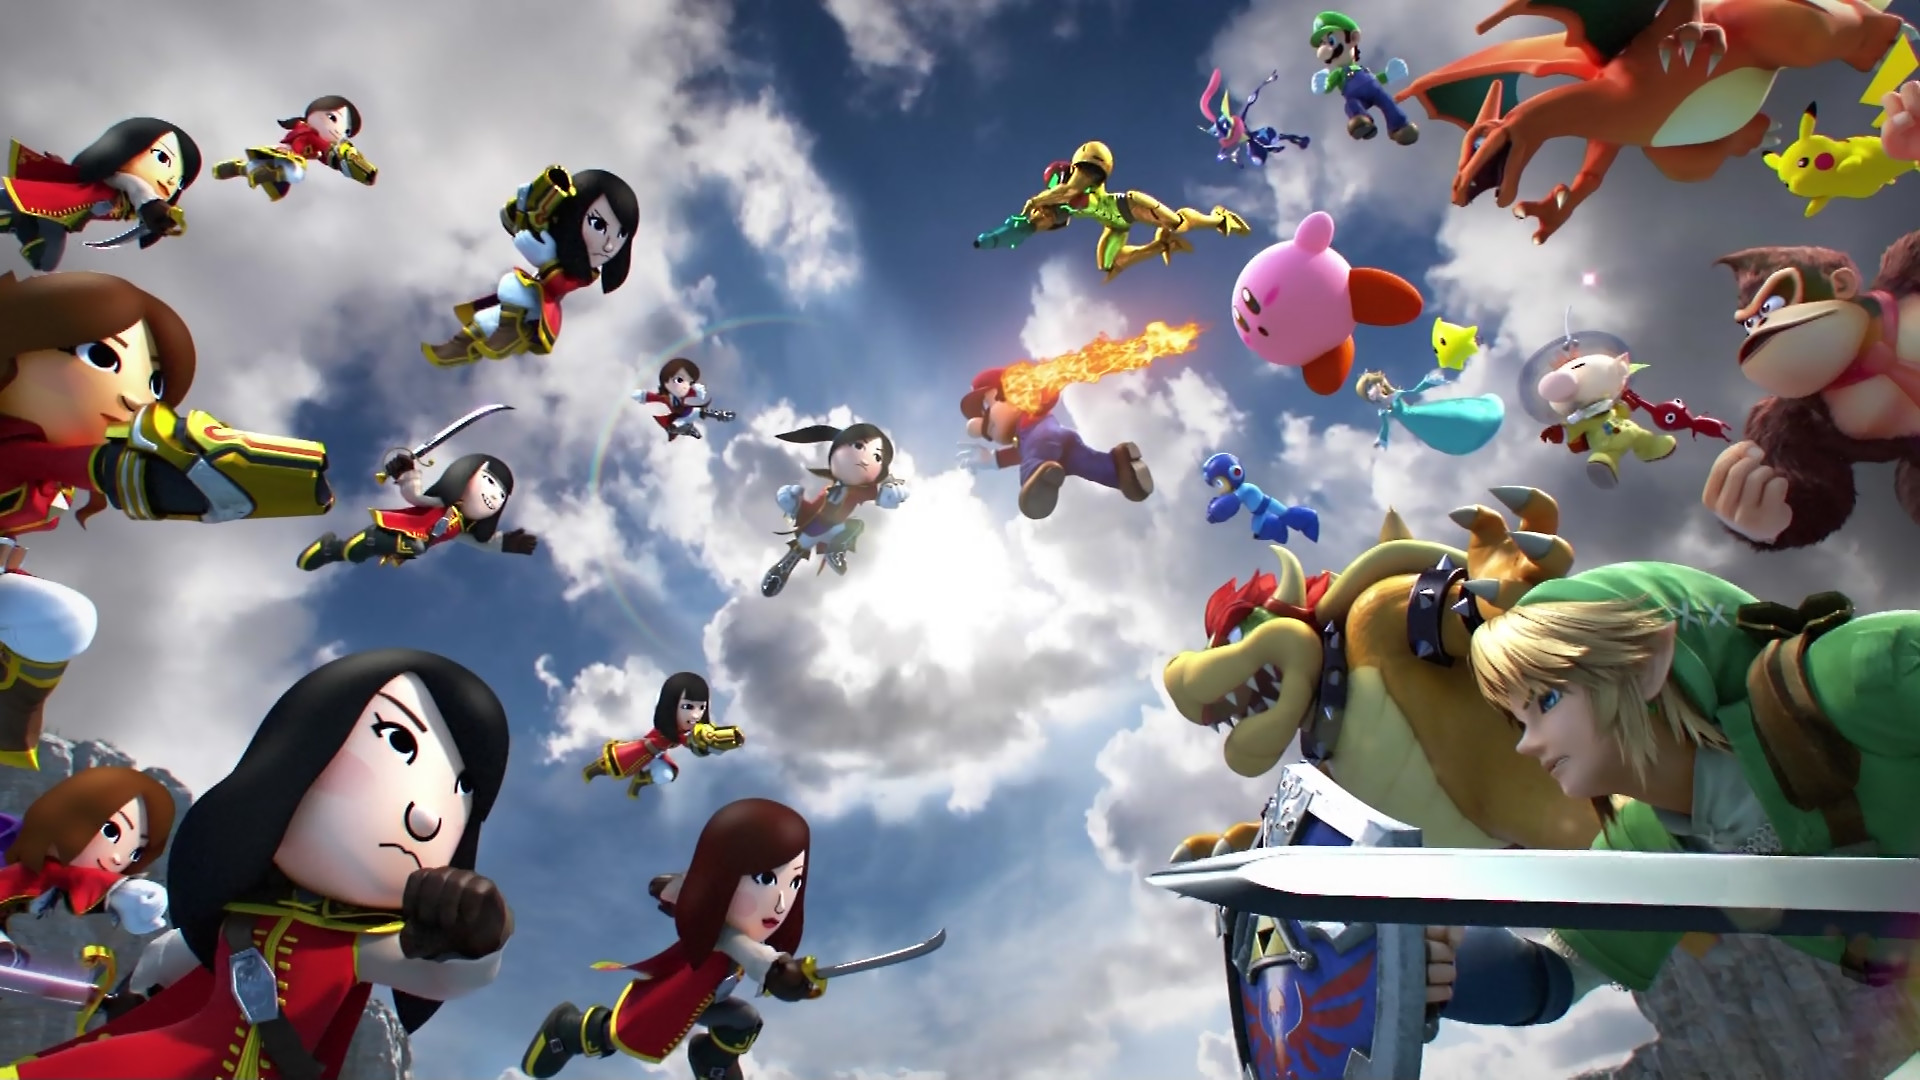 Super Smash Bros Wallpapers Smash Bros Kingdom Hearts 424465